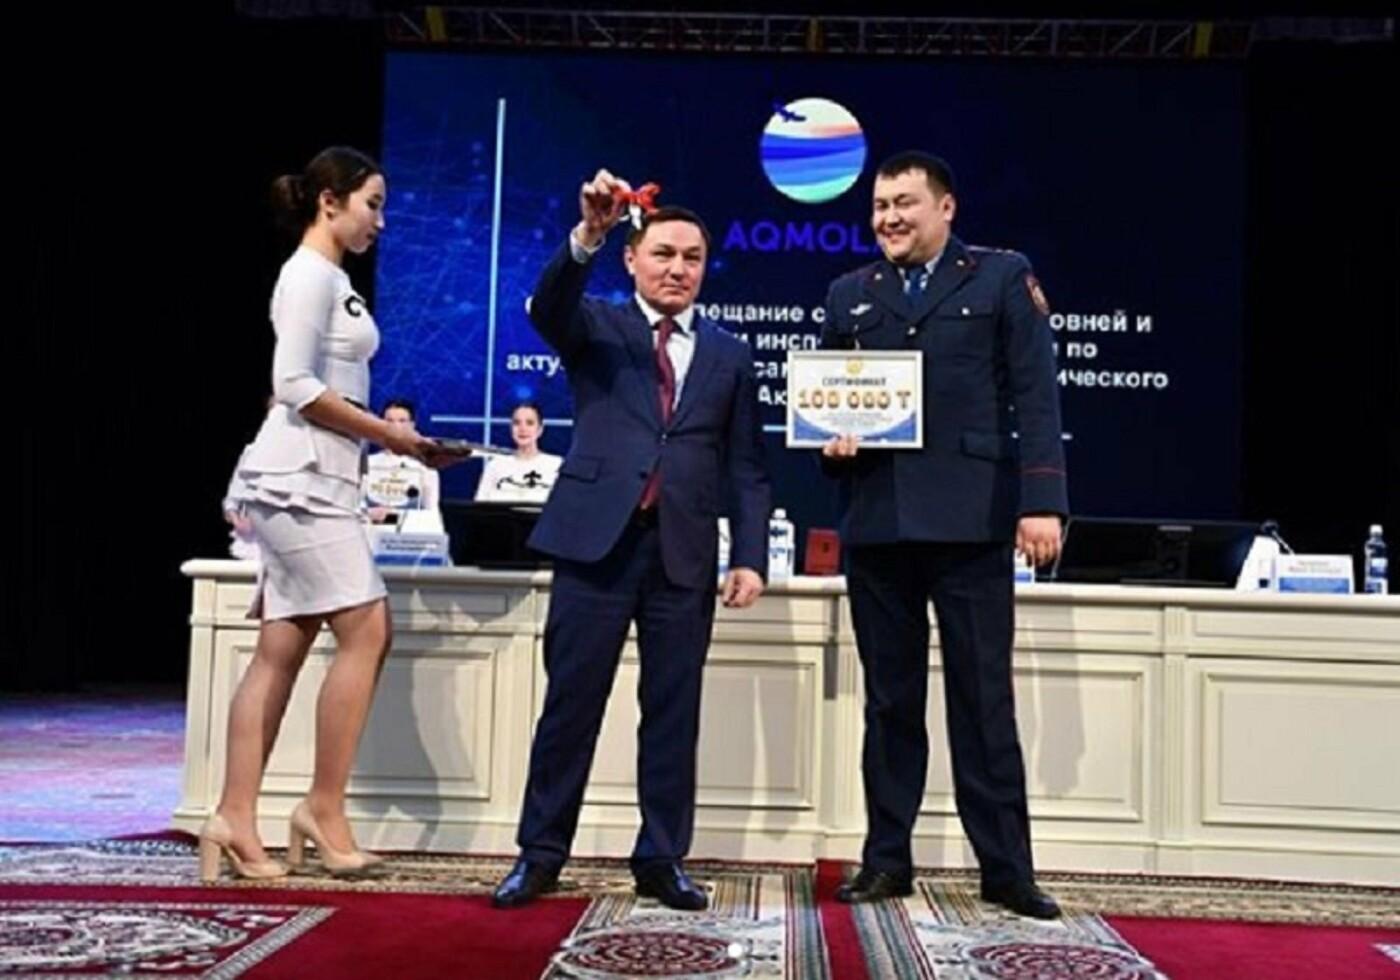 Служебную «Ниву» и 100 тысяч тенге получил «народный участковый» Акмолинской области, фото-2